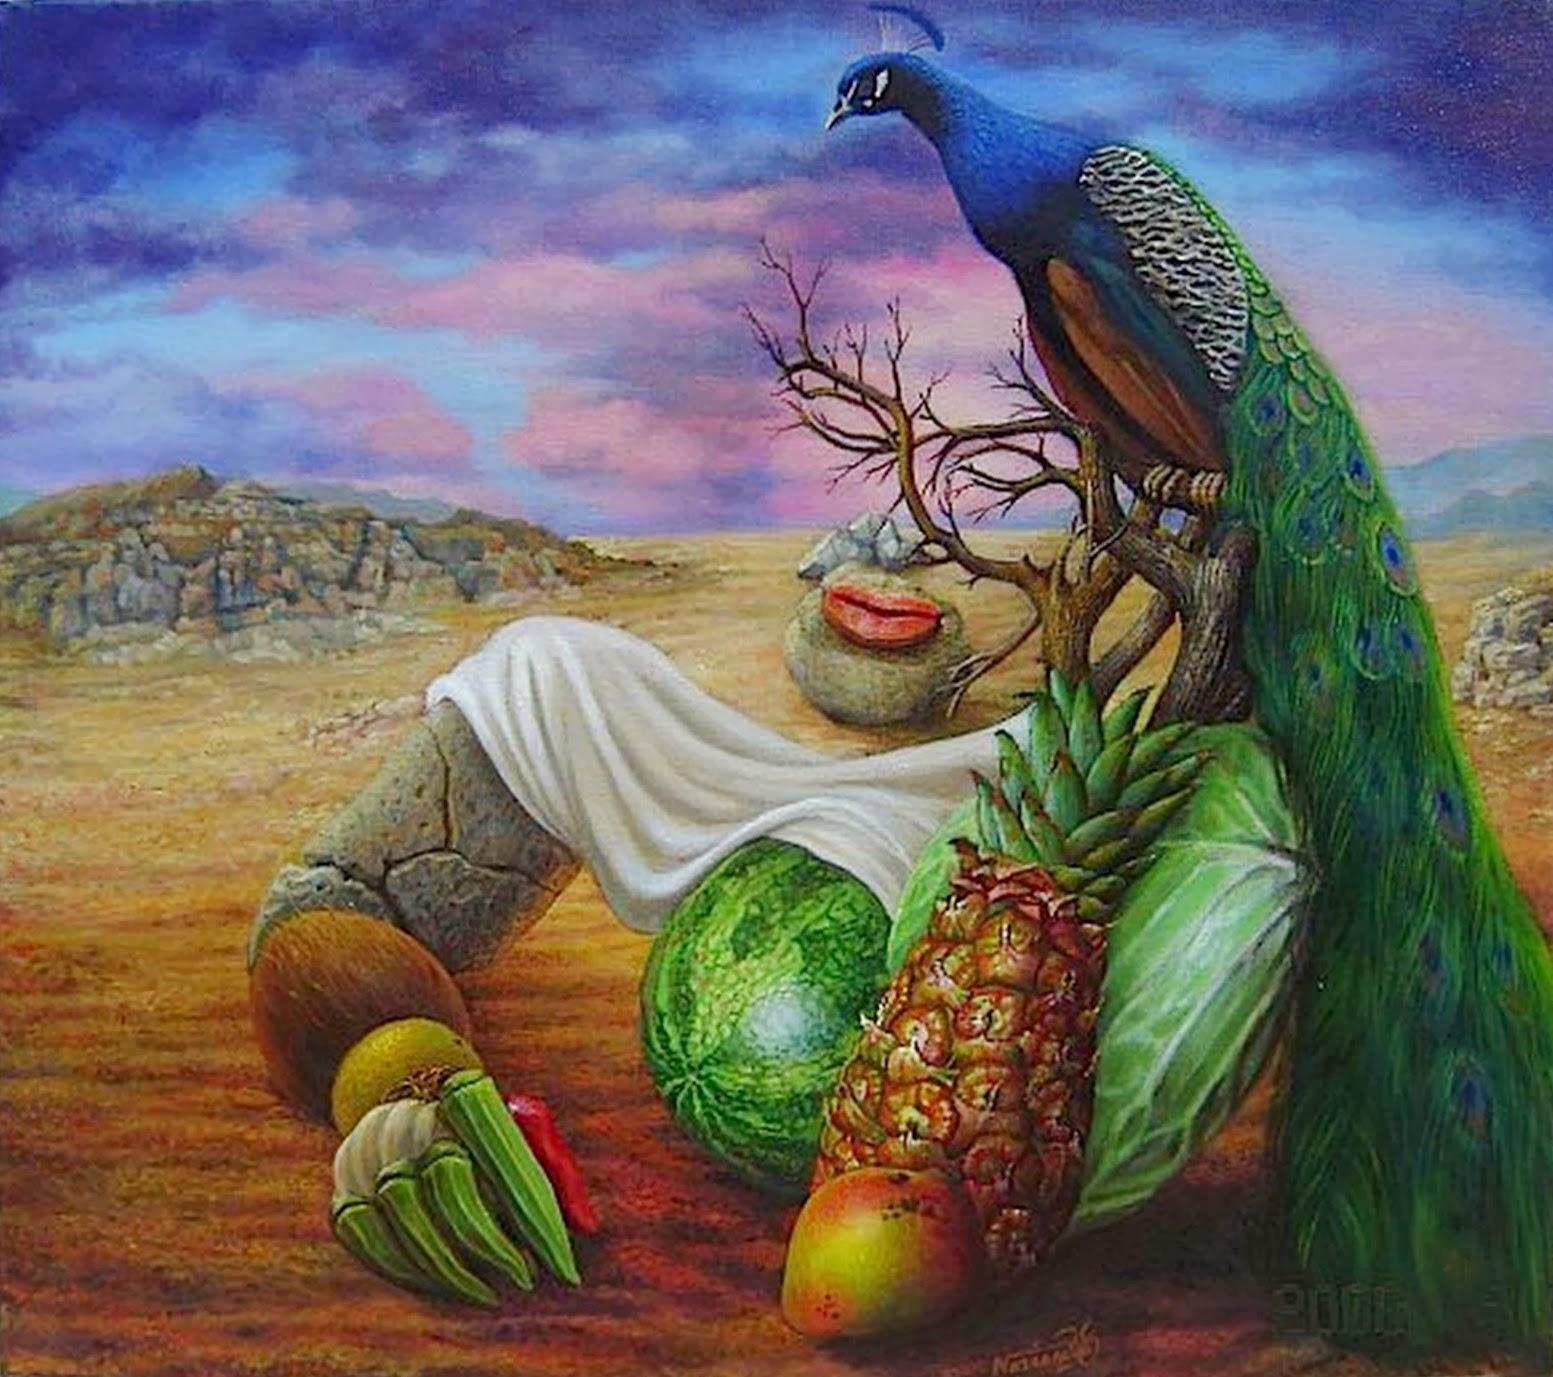 000...Surrealismo...000 - Página 2 Surrealismo-rostros-con-frutas-oleos